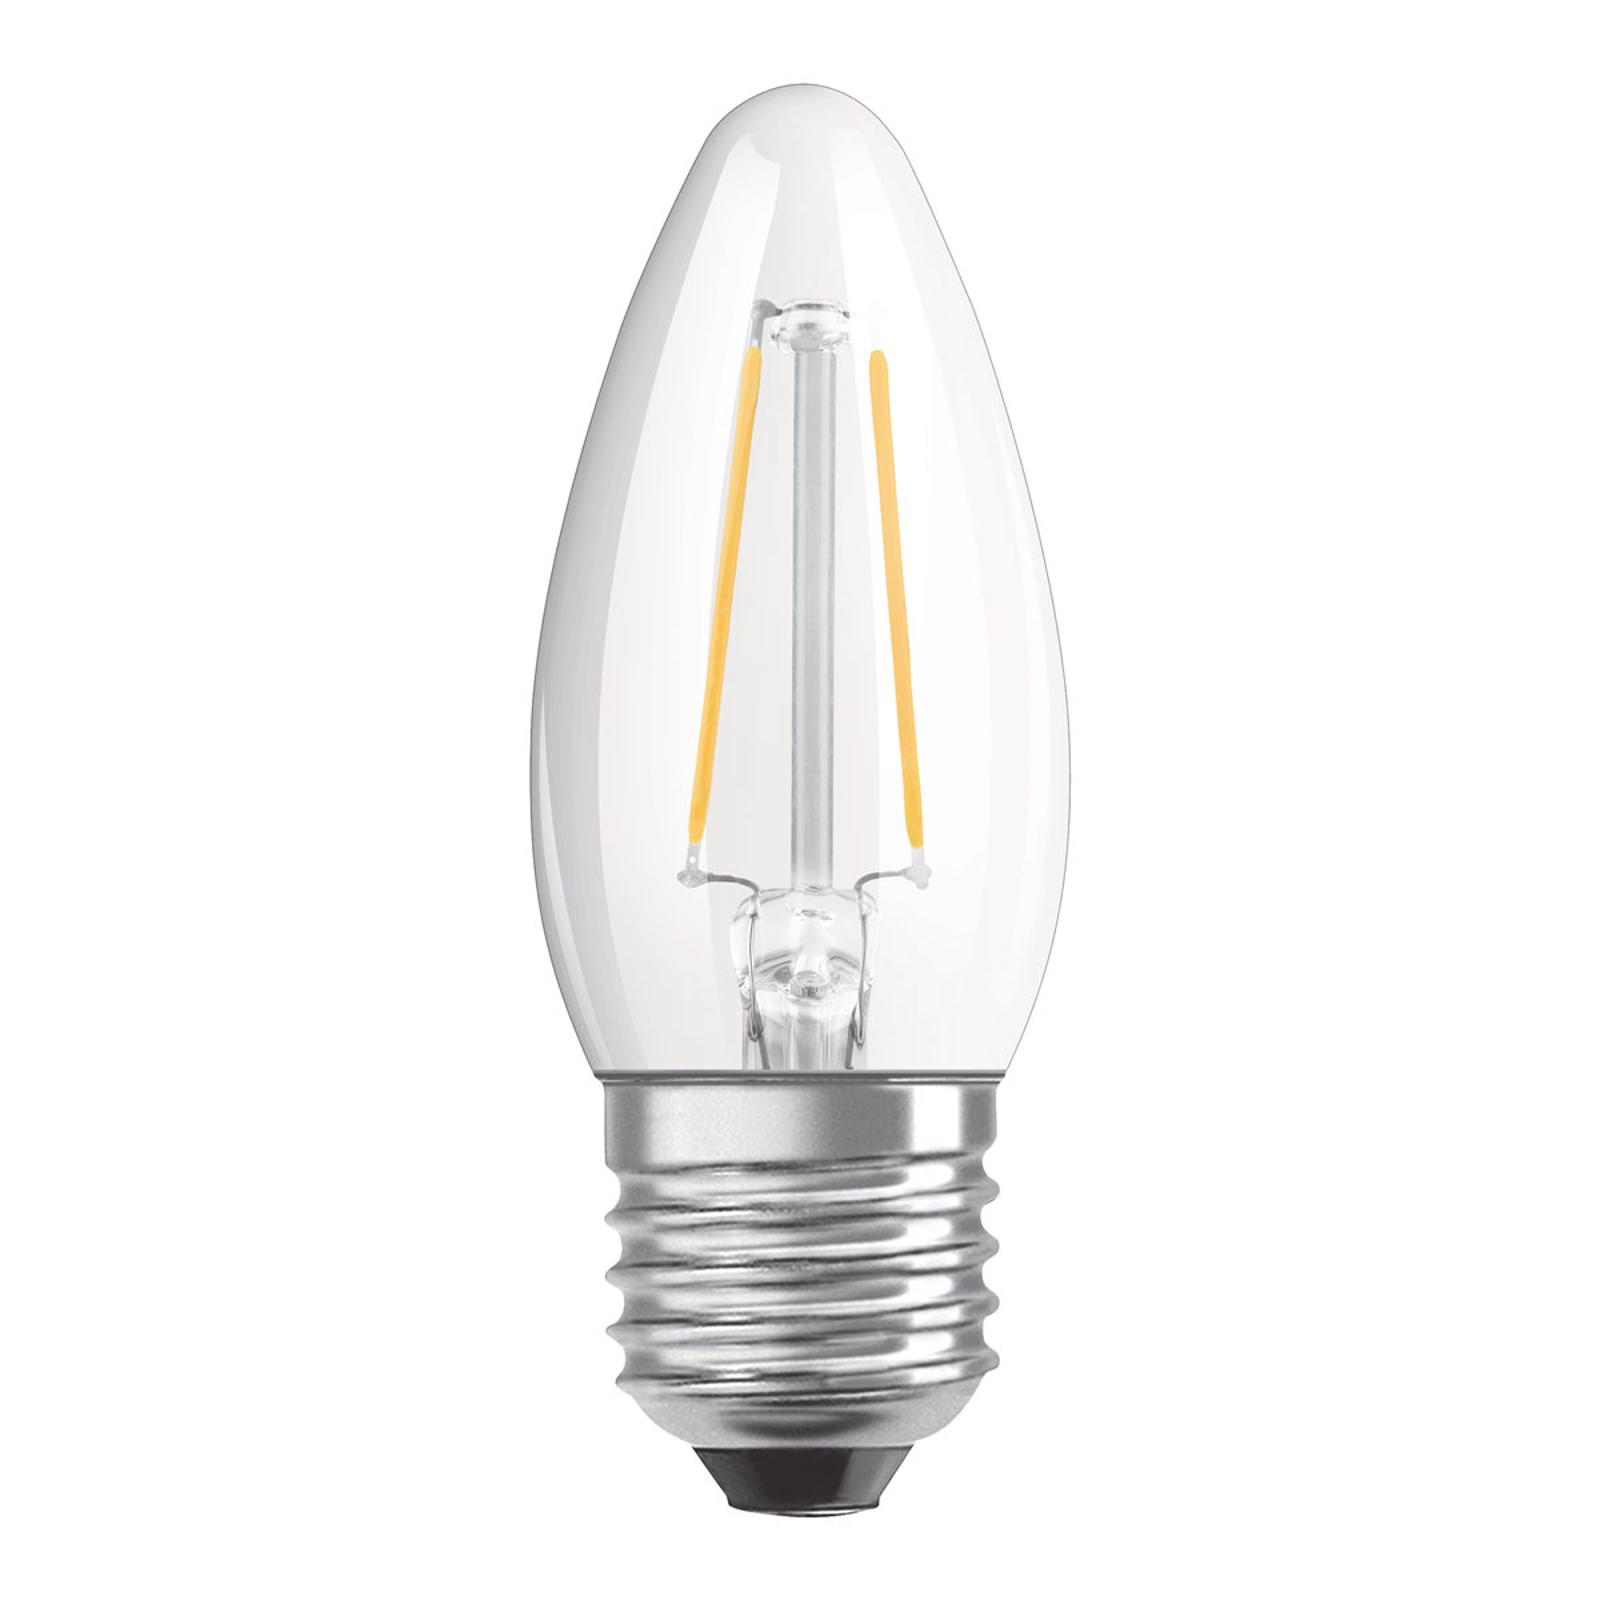 OSRAM-LED-kynttilälamppu E27 5W himmennettävä